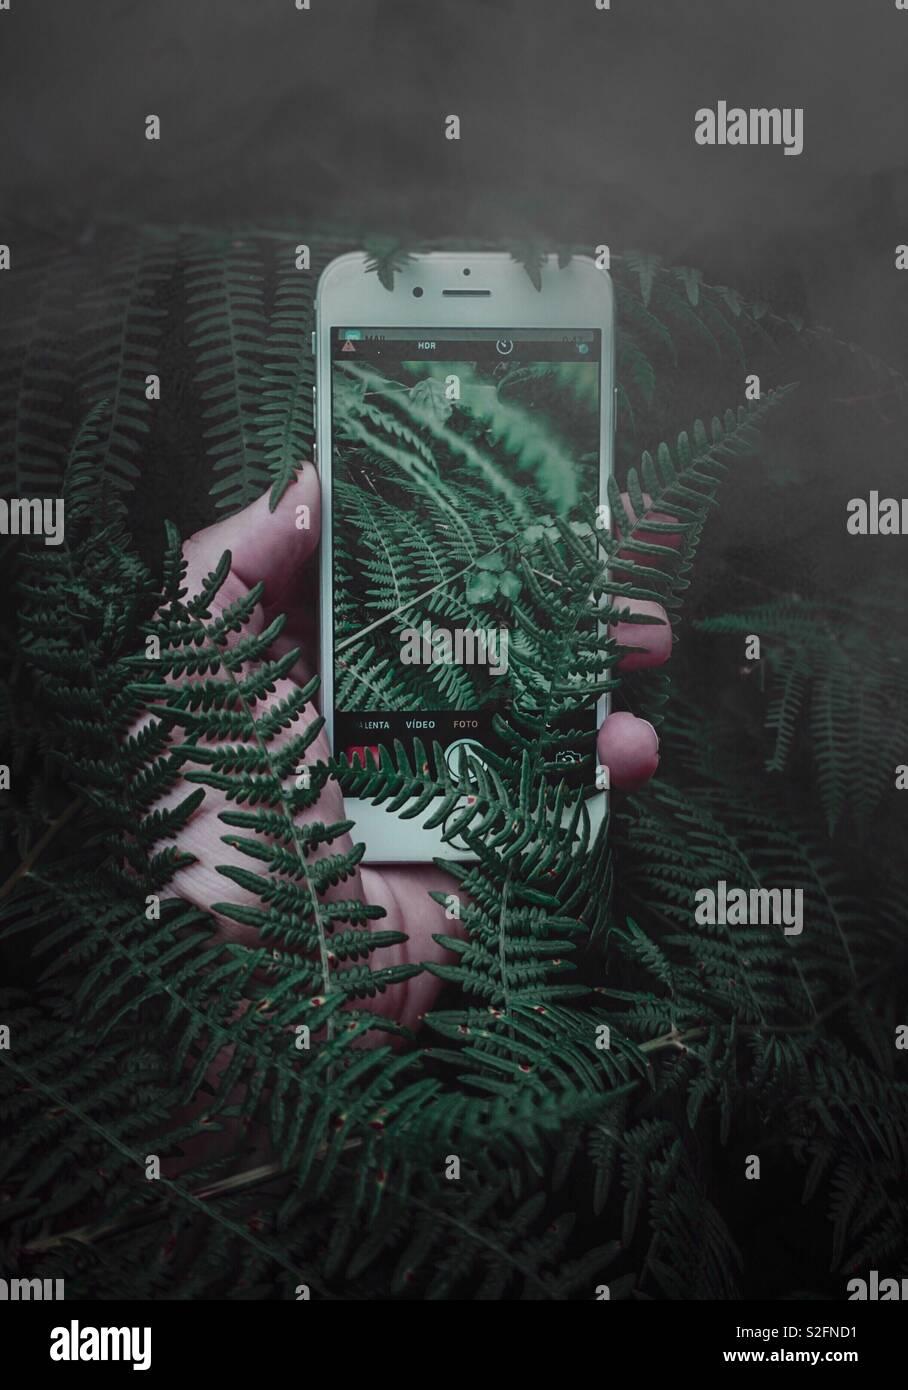 Mano con teléfono en los helechos Imagen De Stock